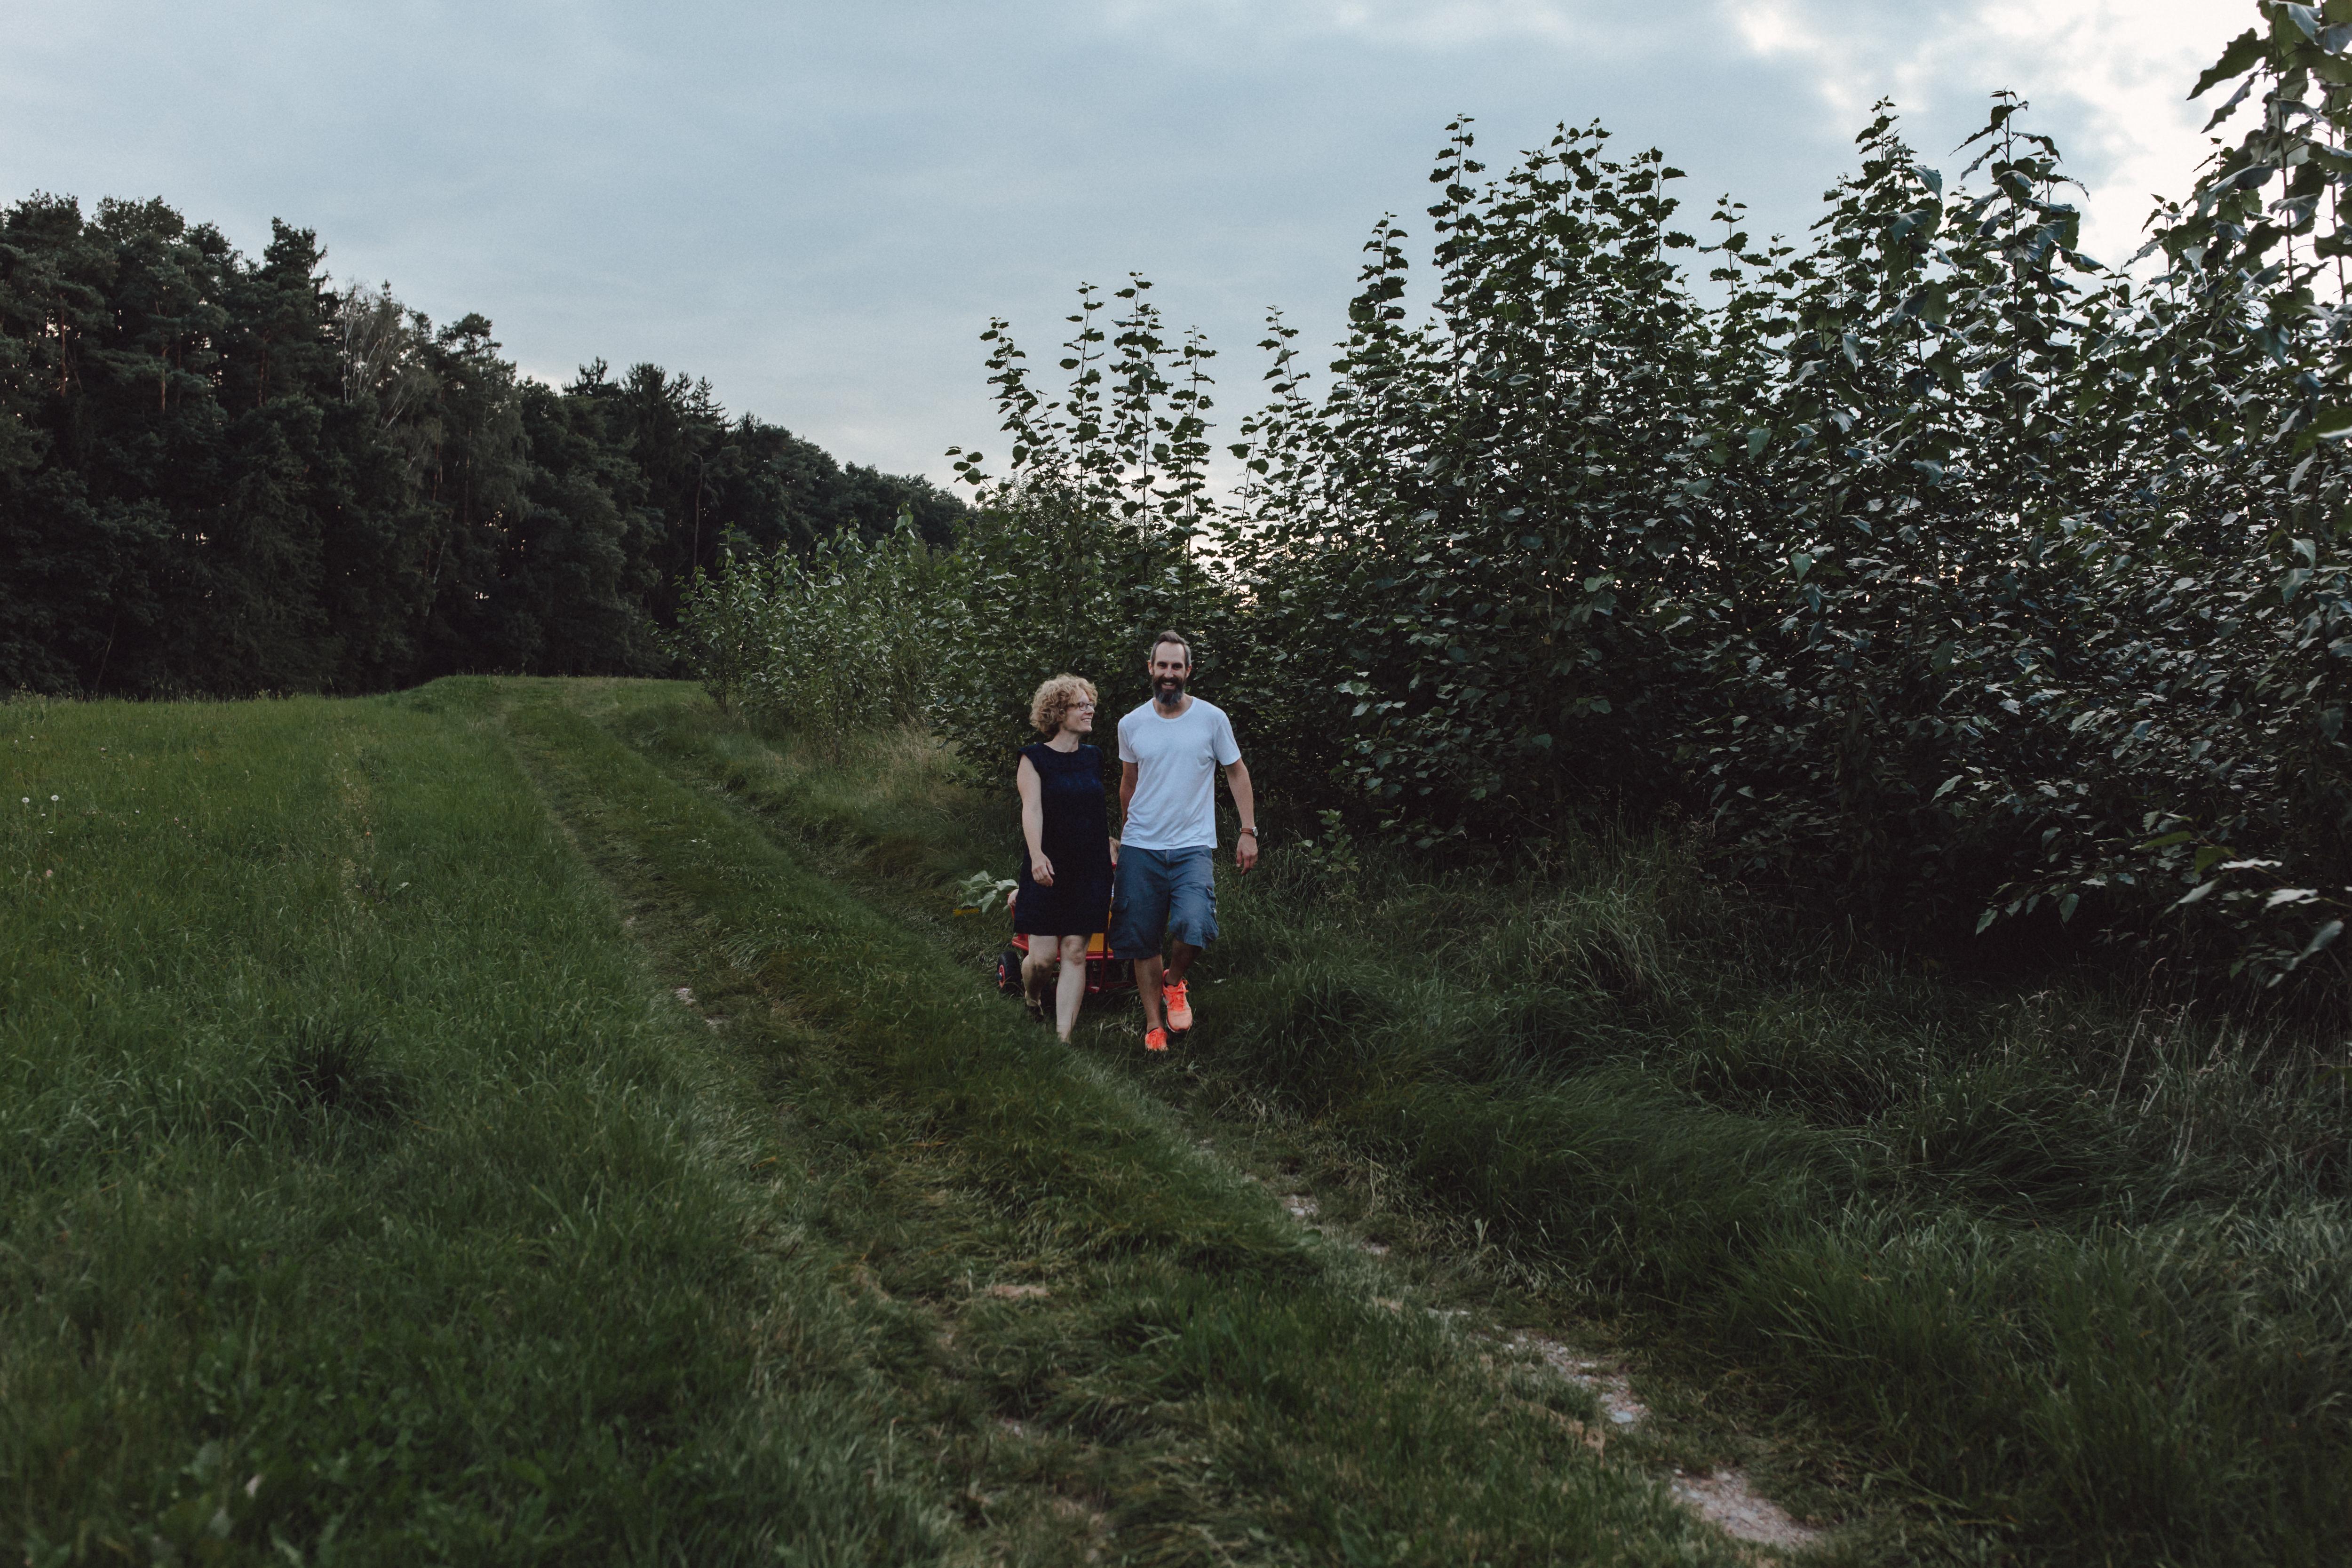 URBANERIE_Daniela_Goth_Fotografin_Nürnberg_Fürth_Erlangen_Schwabach_170827_0245